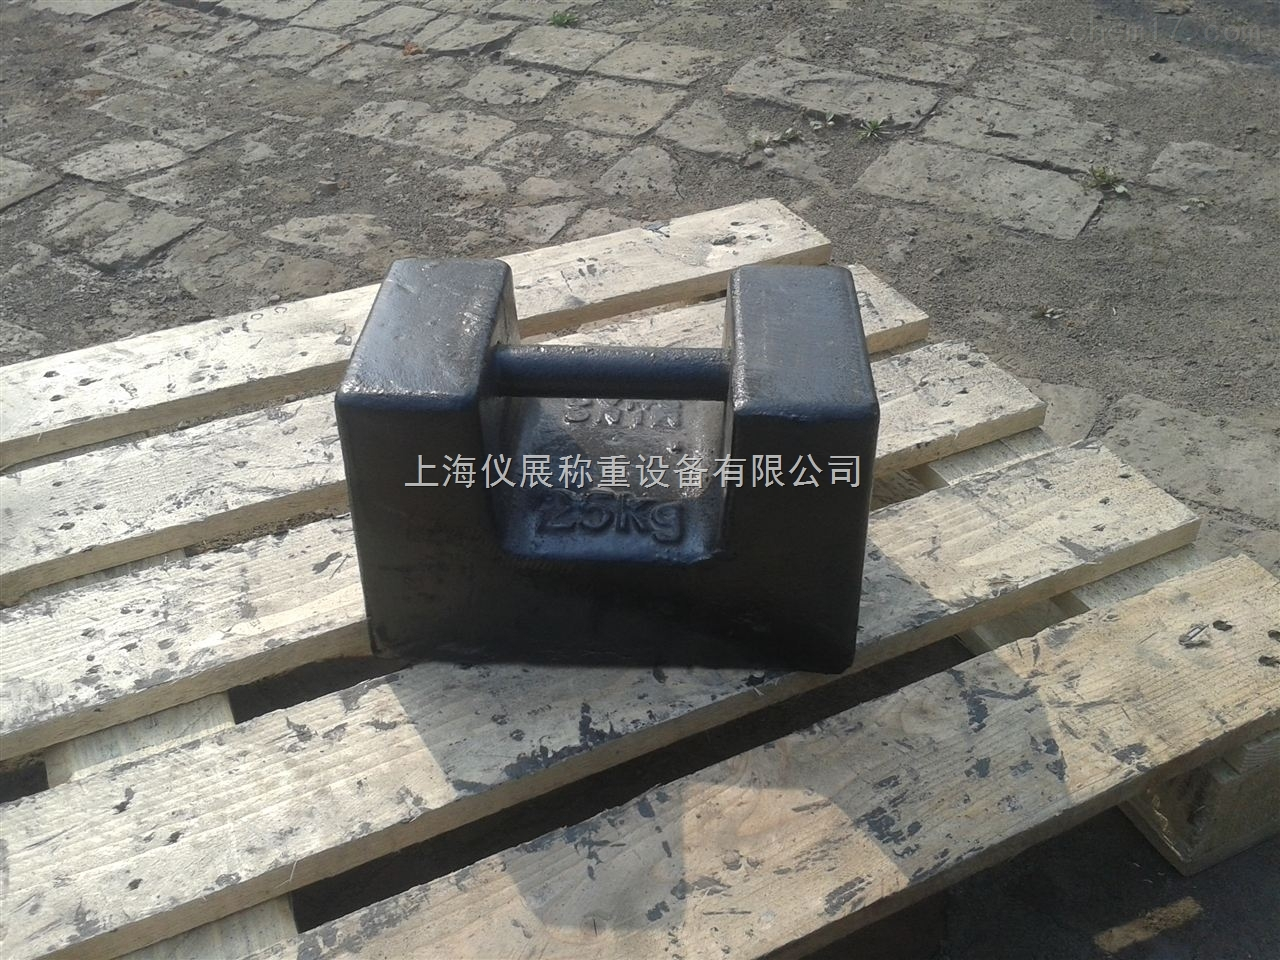 泰州20公斤鑄鐵砝碼,25千克鑄鐵材質砝碼怎么賣